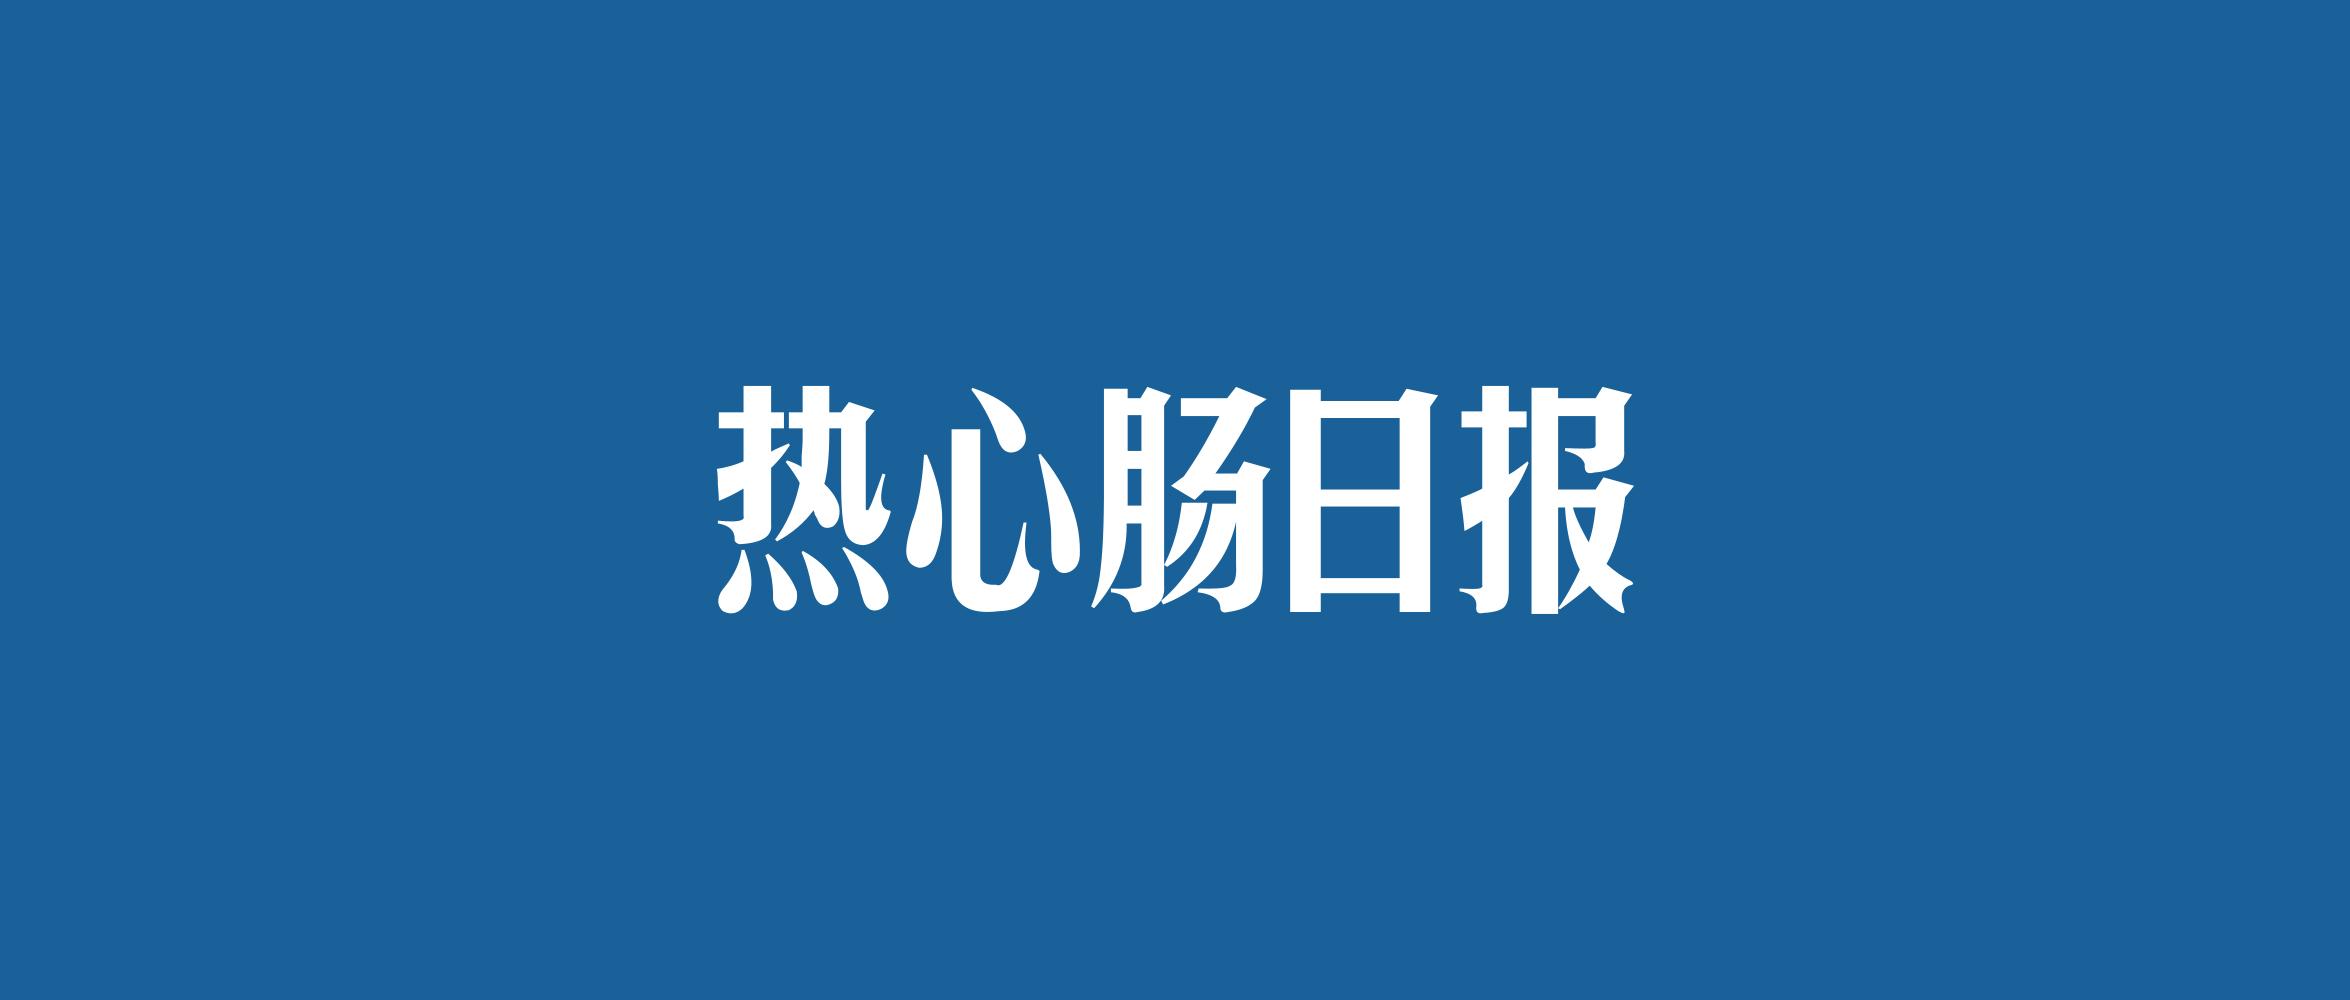 热心肠日报logo.jpg